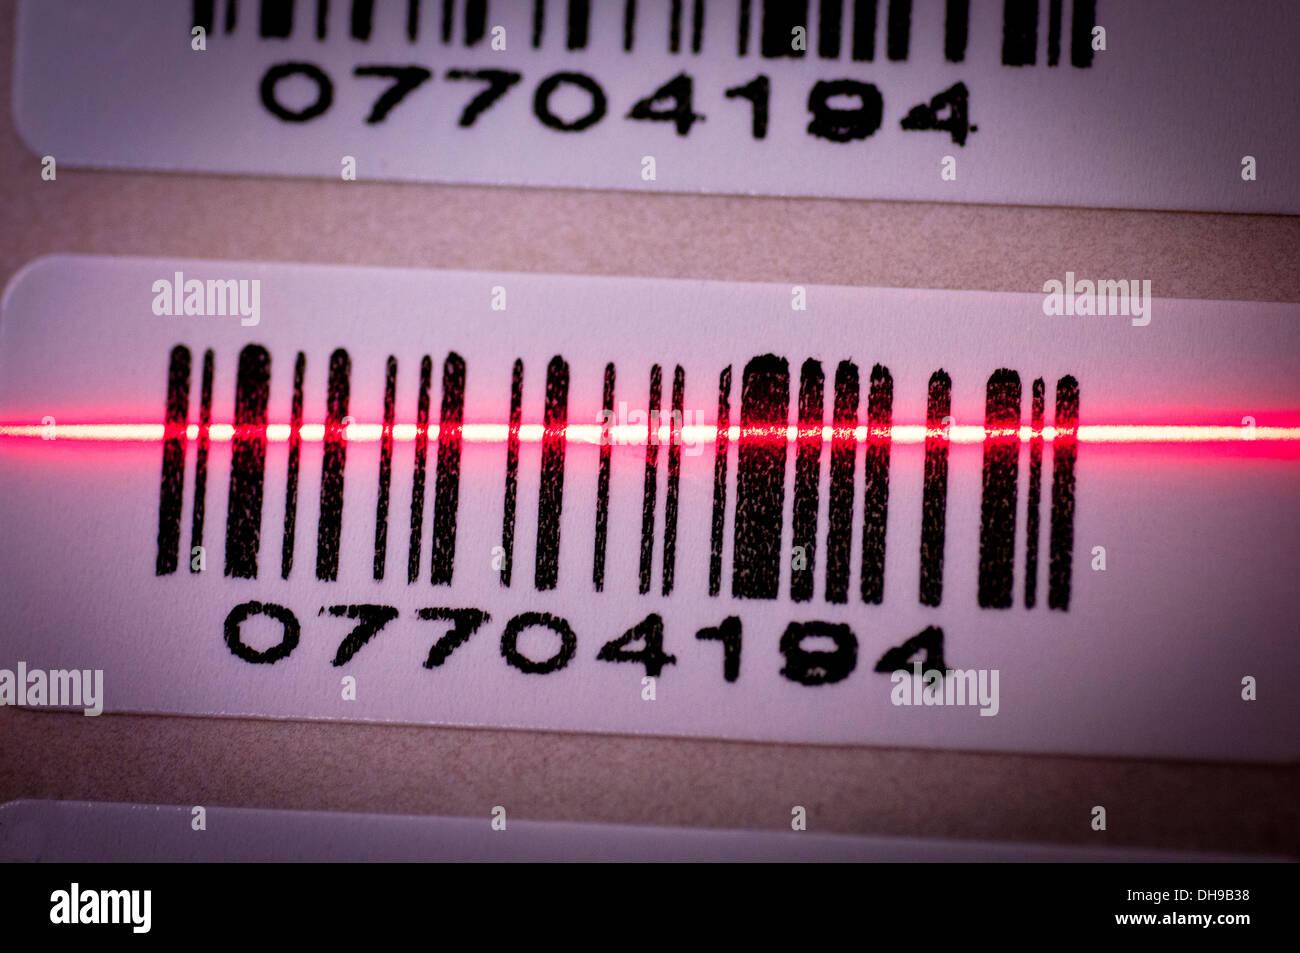 Un code-barres scanné Photo Stock